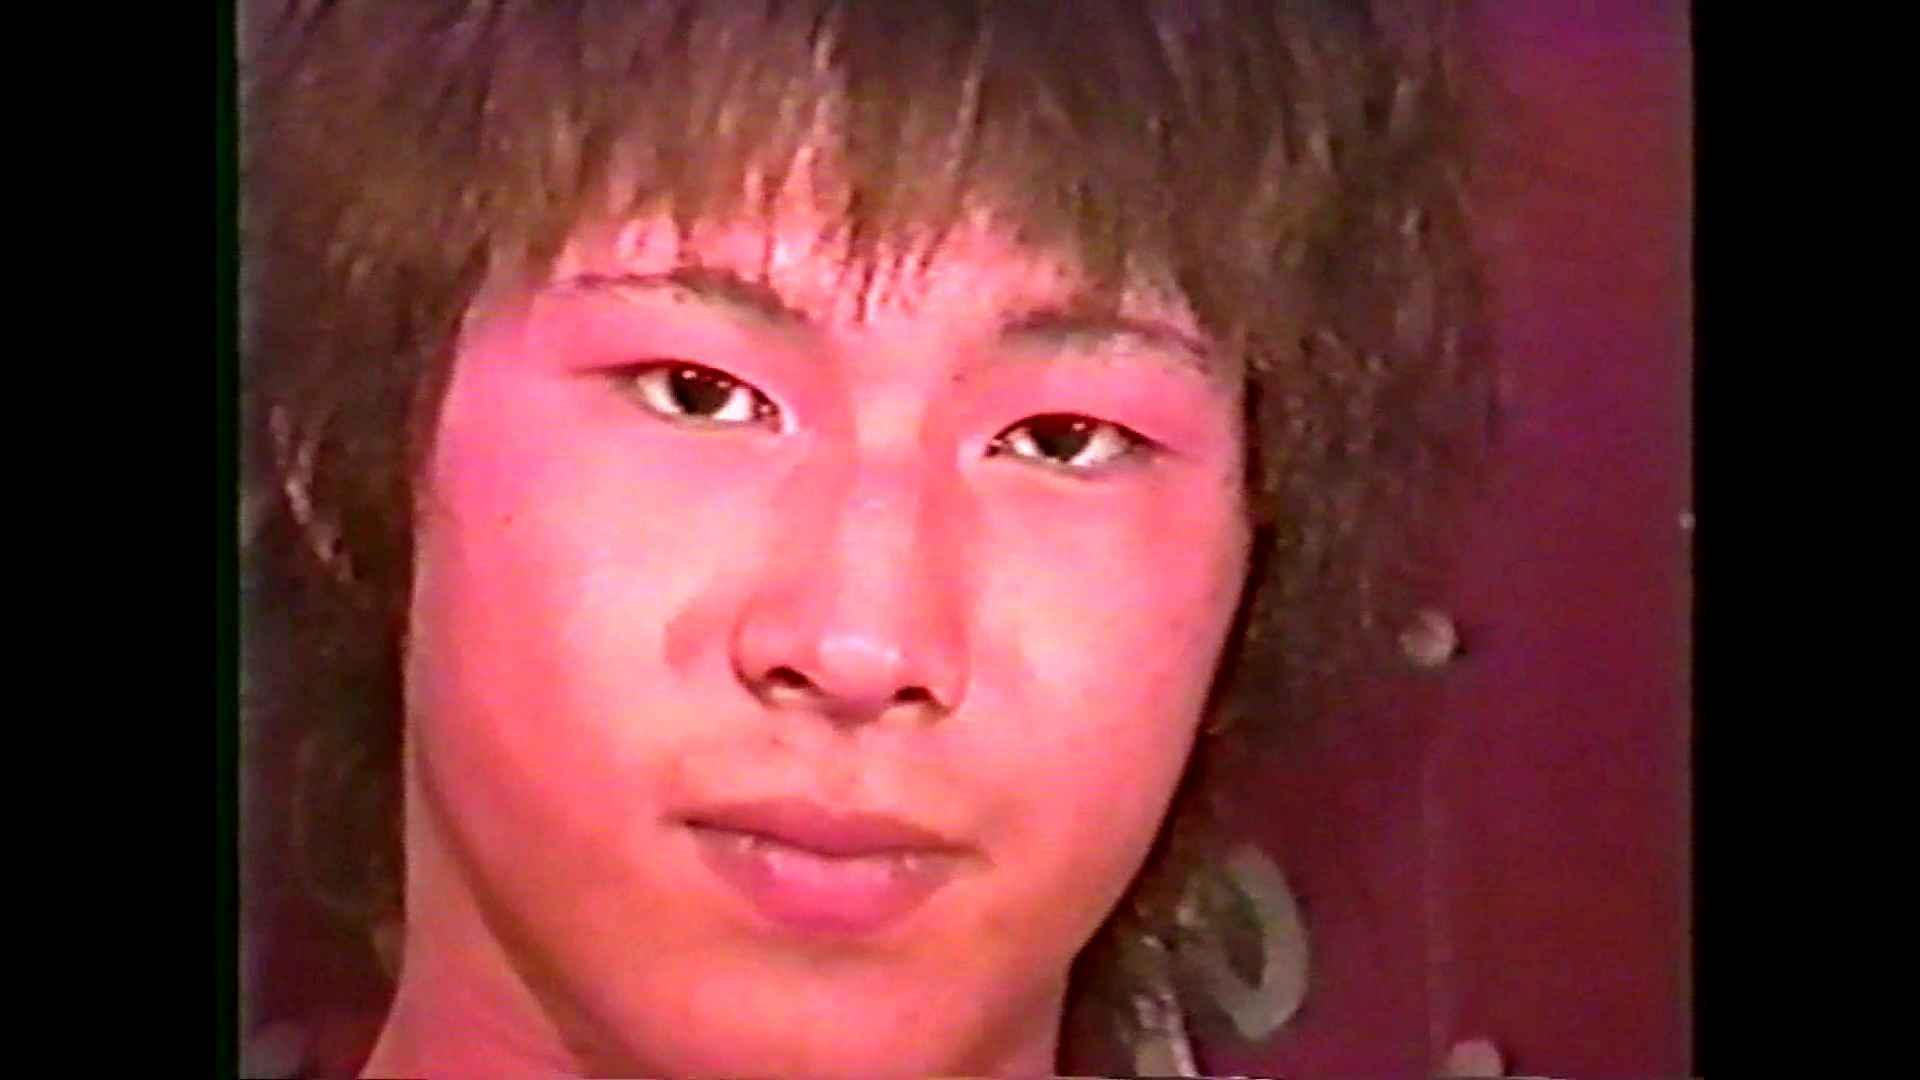 GAYBOY宏のオカズ倉庫Vol.3-4 オナニー ゲイセックス画像 67pic 53